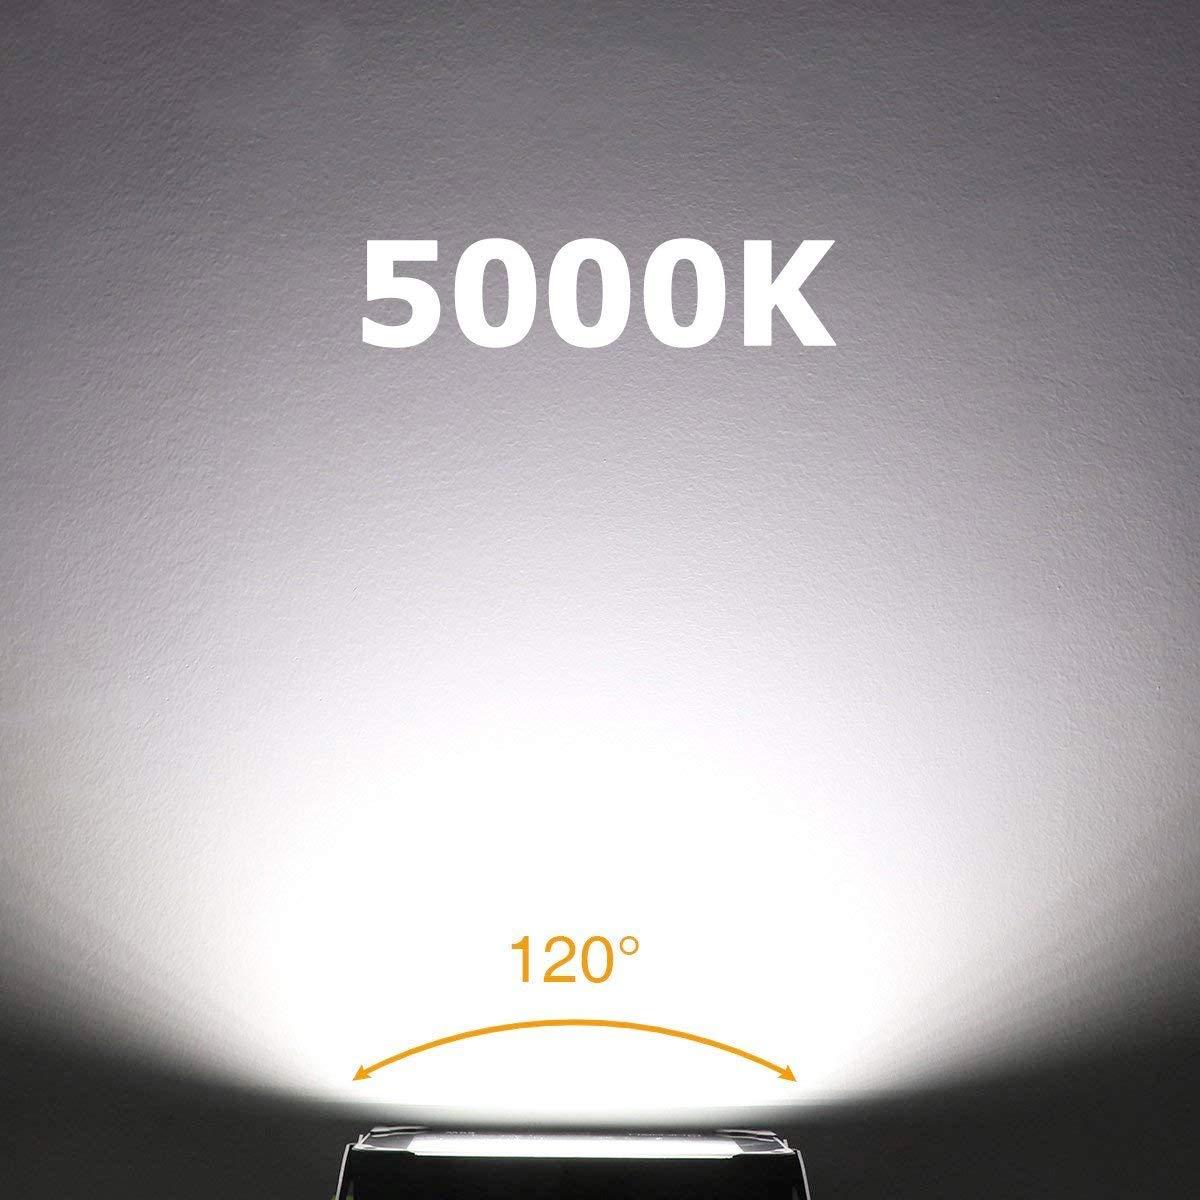 5000K Lumi/ère Blanc Froid 3000LM IP66 /étanche Onforu Lot de 4 Projecteur LED Ext/érieur 35W Garage Spot Projecteur /à LED /Éclairage Ext/érieur pour Jardin Terrasse